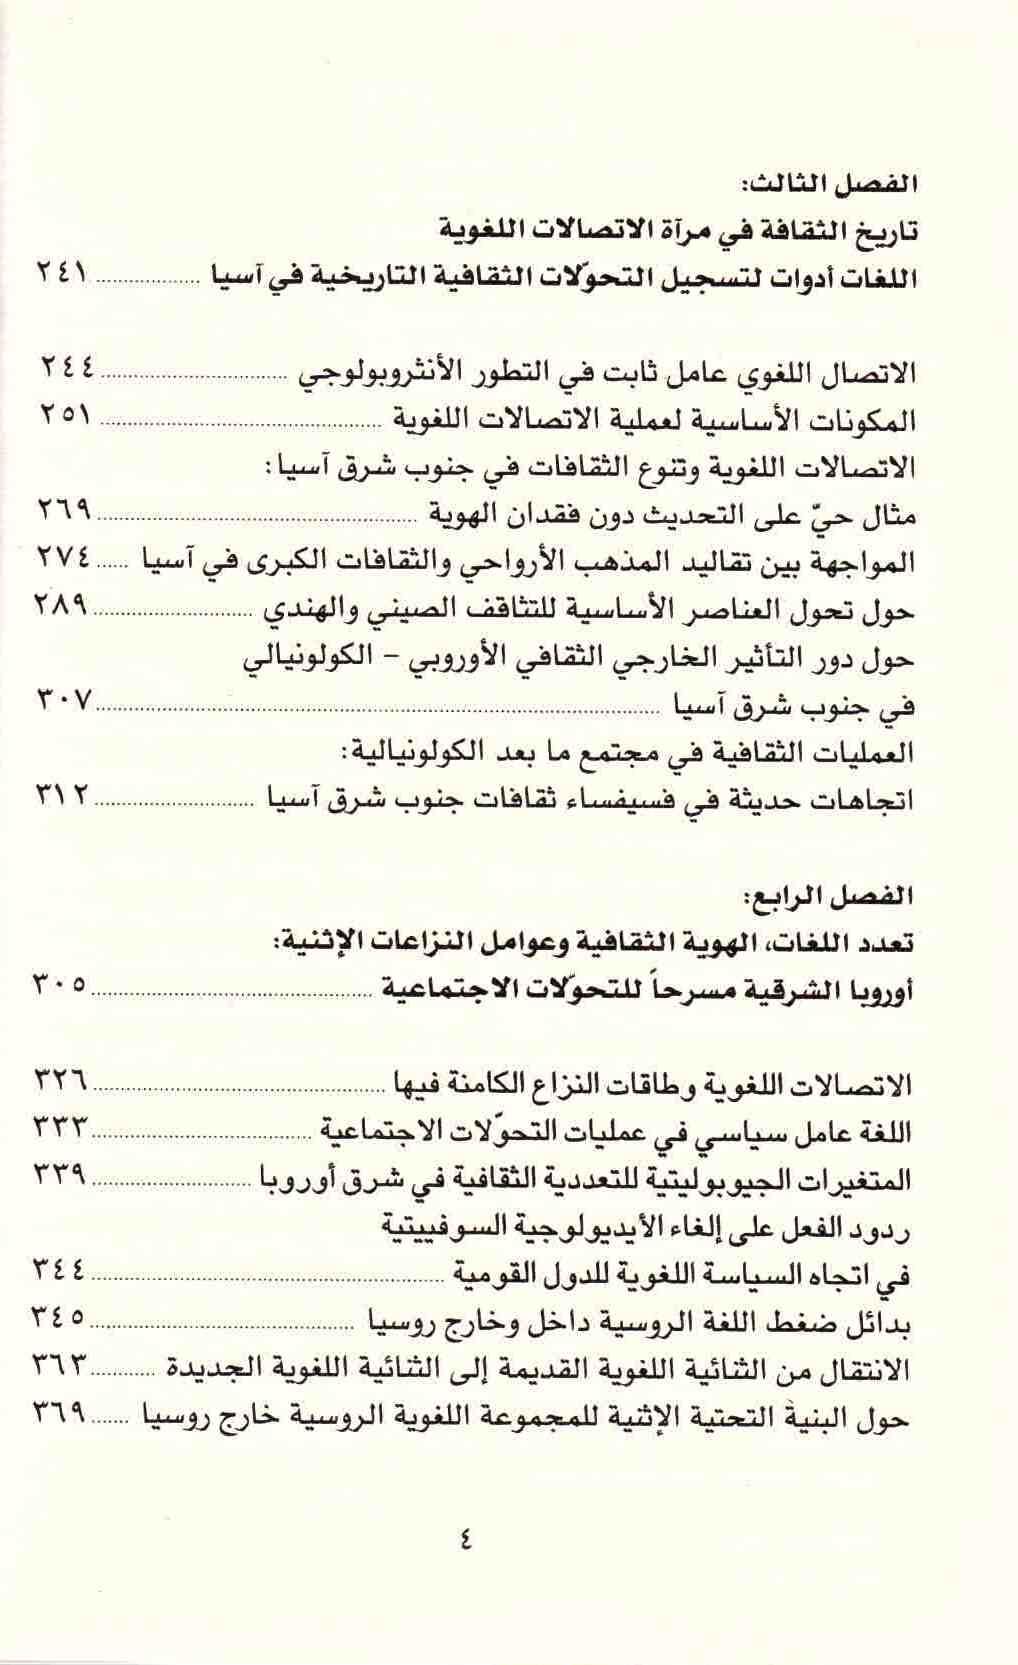 ص4محتويات كتاب عالم بابلي : تاريخ اللغات ومستقبلها